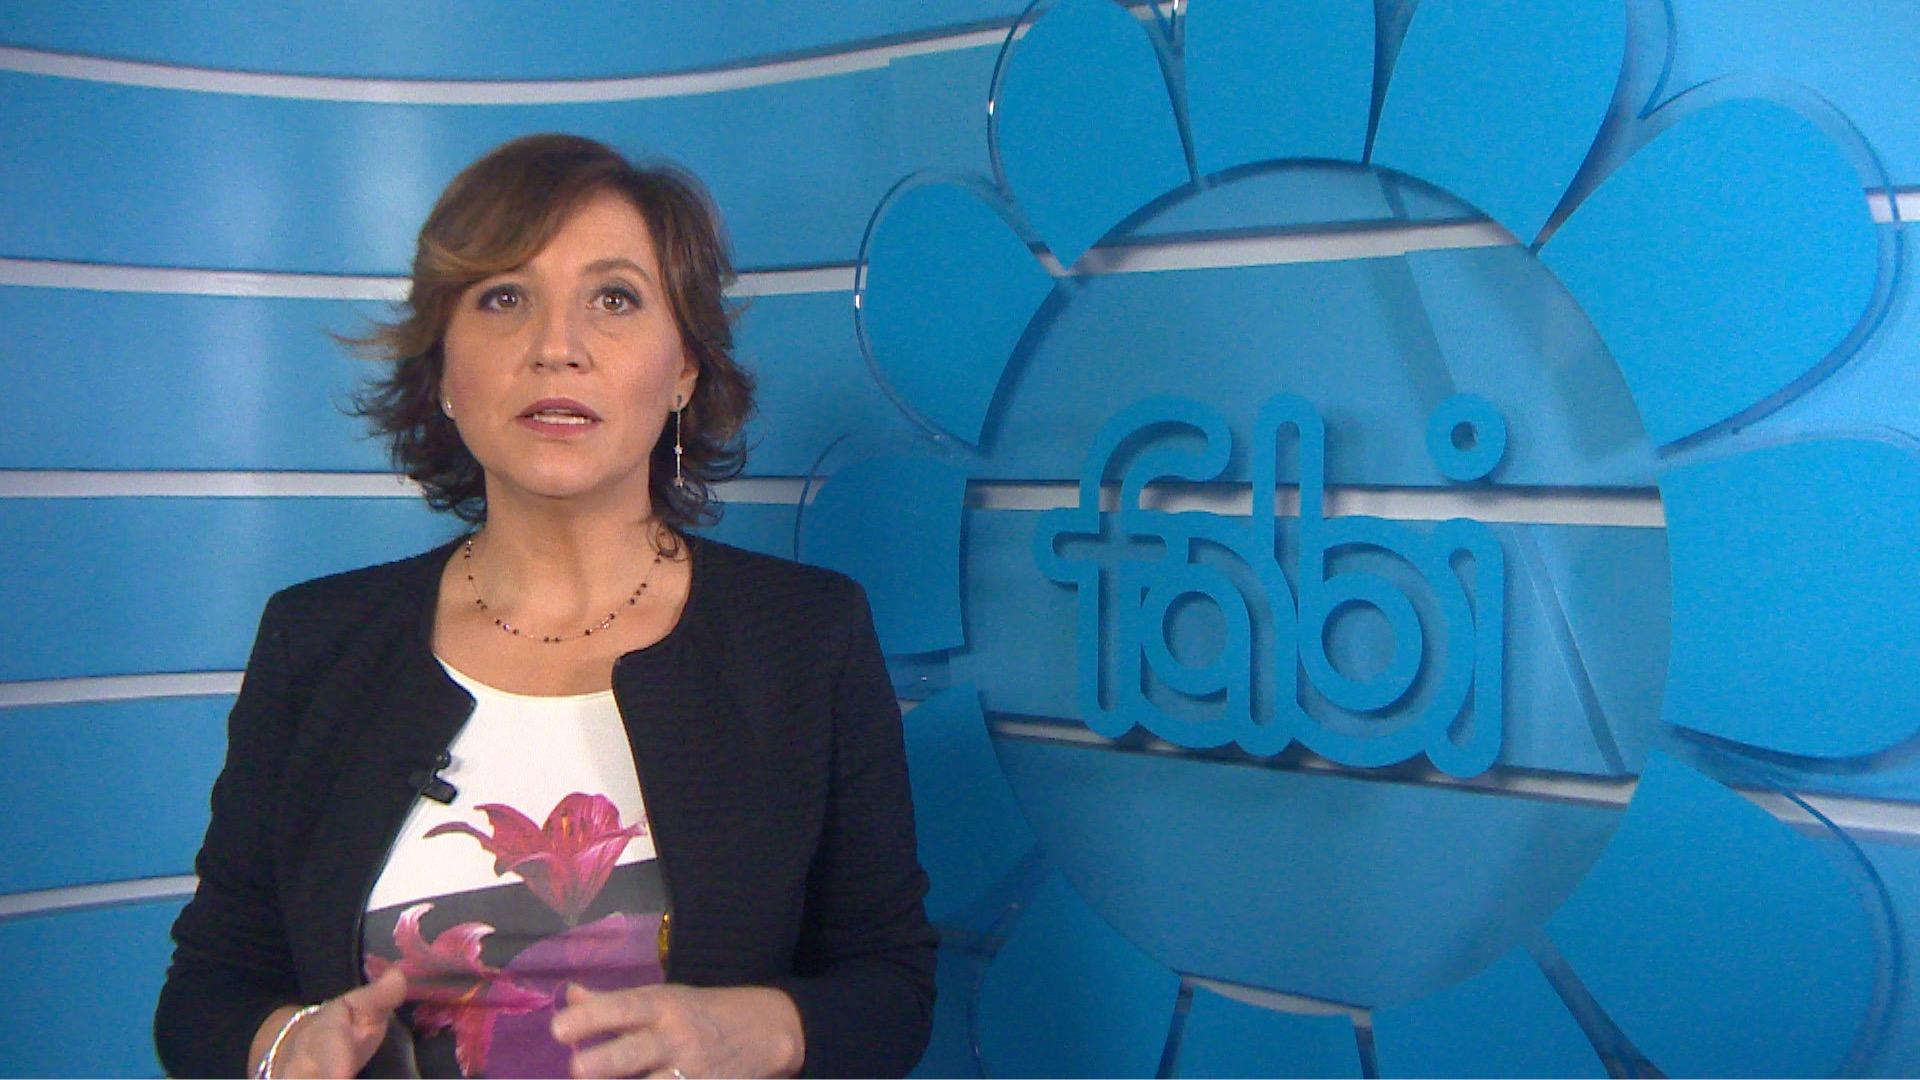 INTESA SANPAOLO - FOCUS ACCORDI: Avvio integrazione Ubi Banca nel Gruppo Intesa Sanpaolo